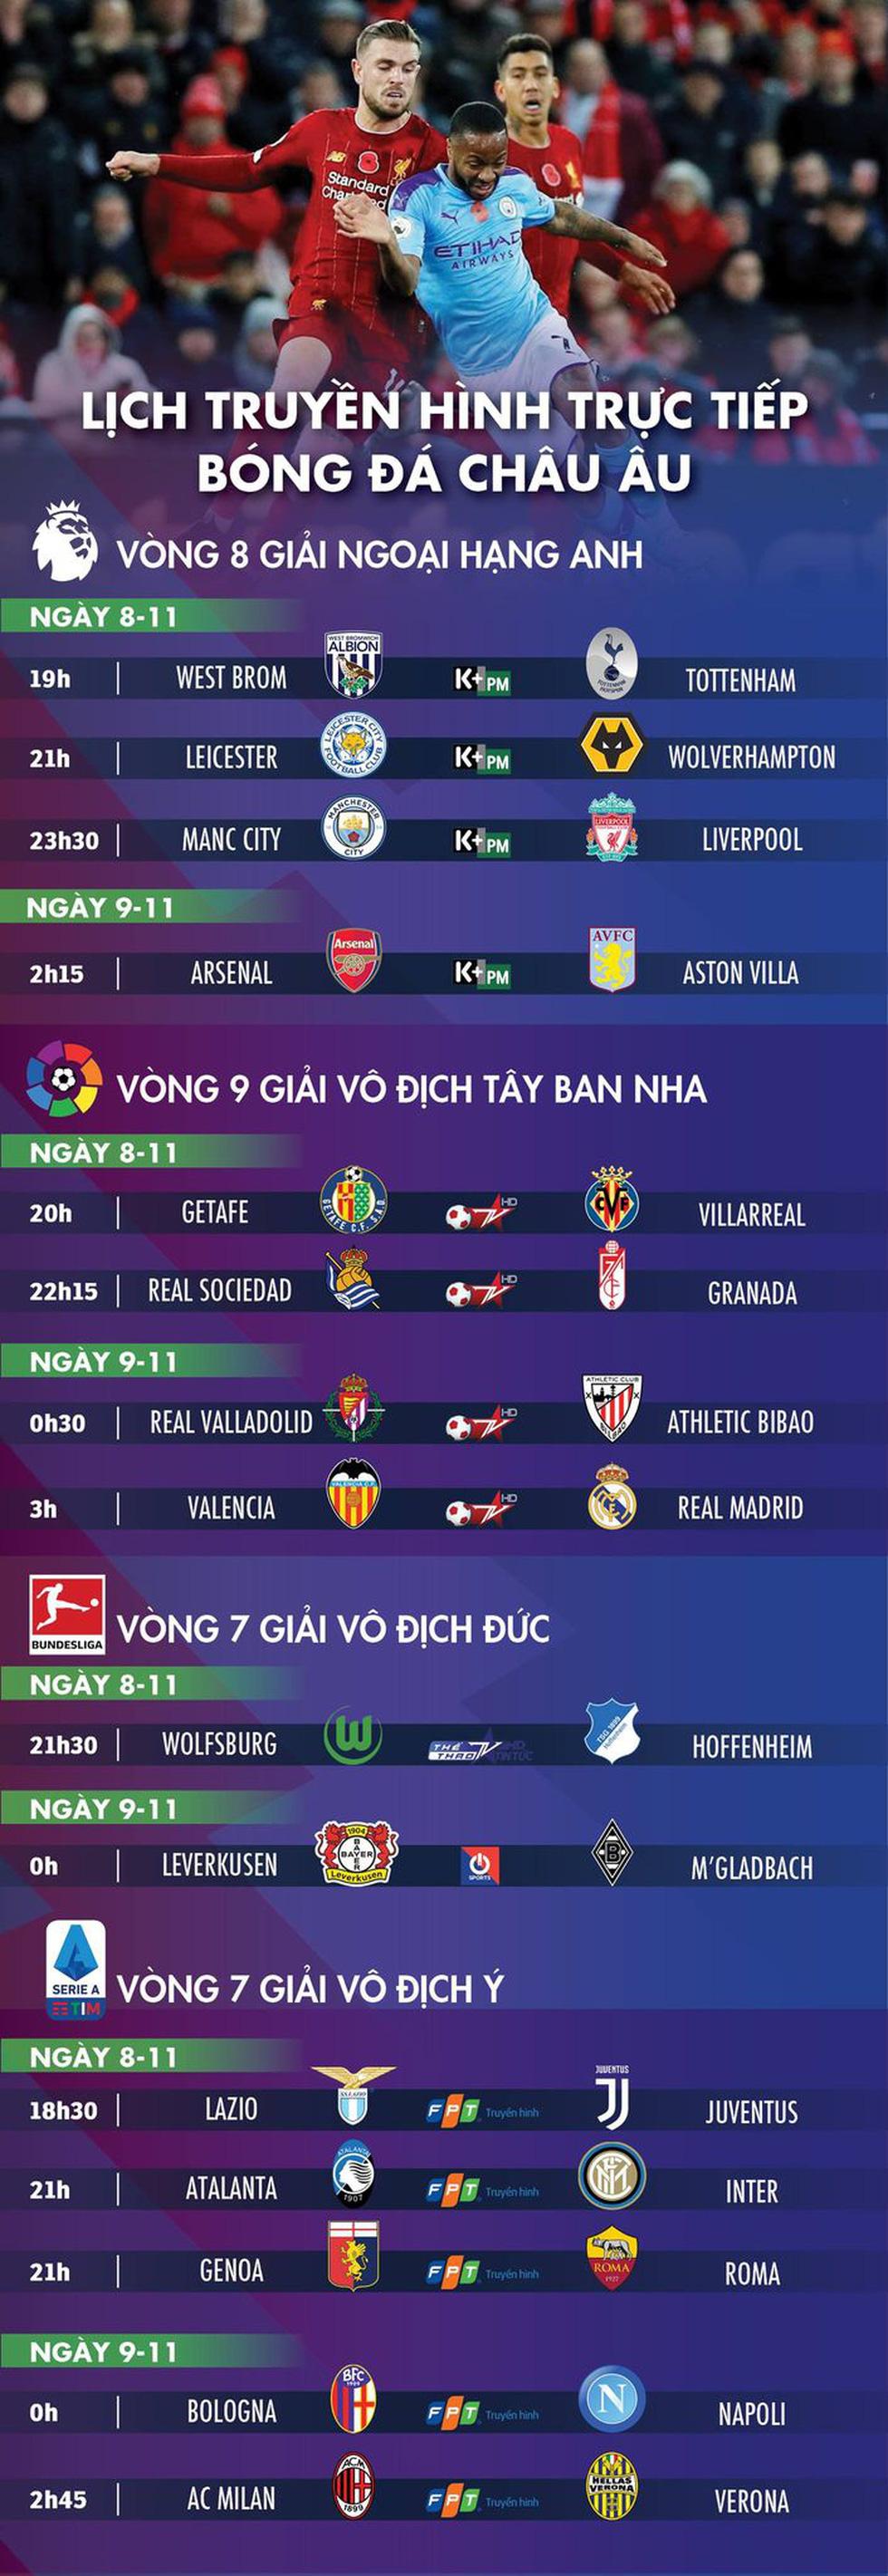 Lịch trực tiếp bóng đá châu Âu 8-11: Tâm điểm Man City - Liverpool - Ảnh 1.